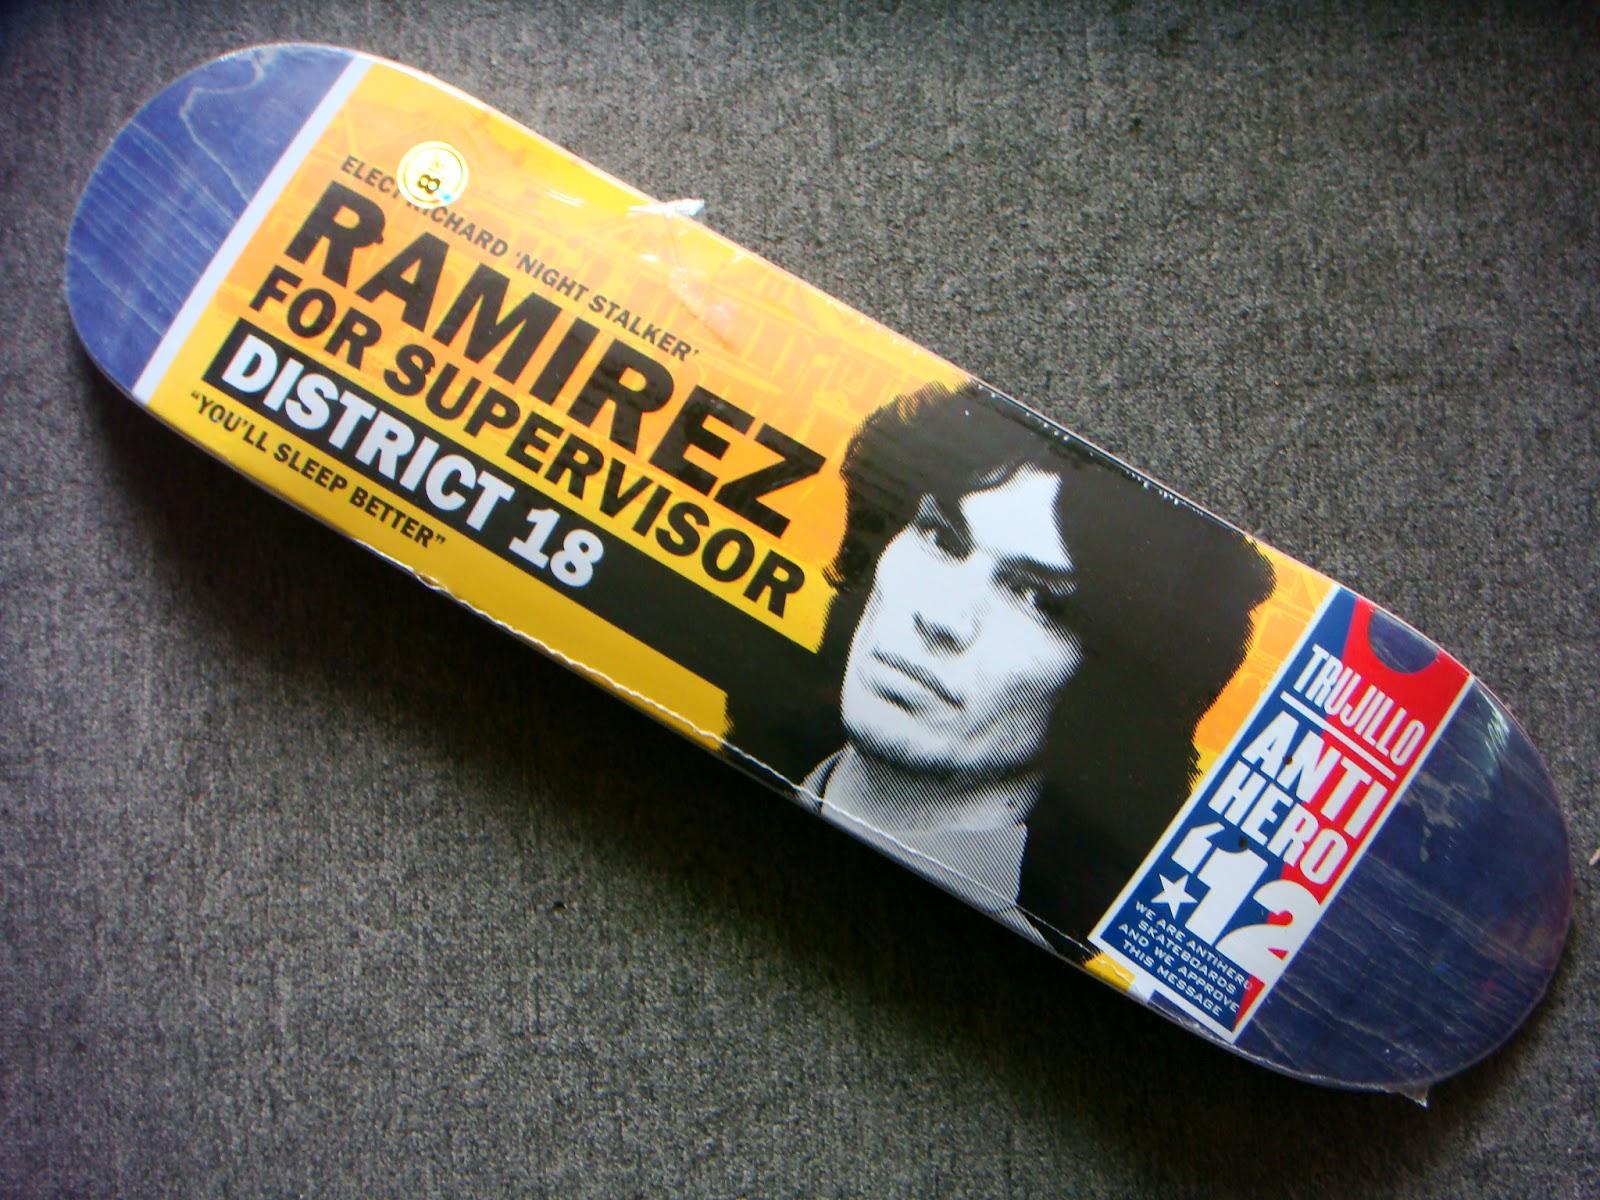 Sektaskateshop Antihero Skateboards